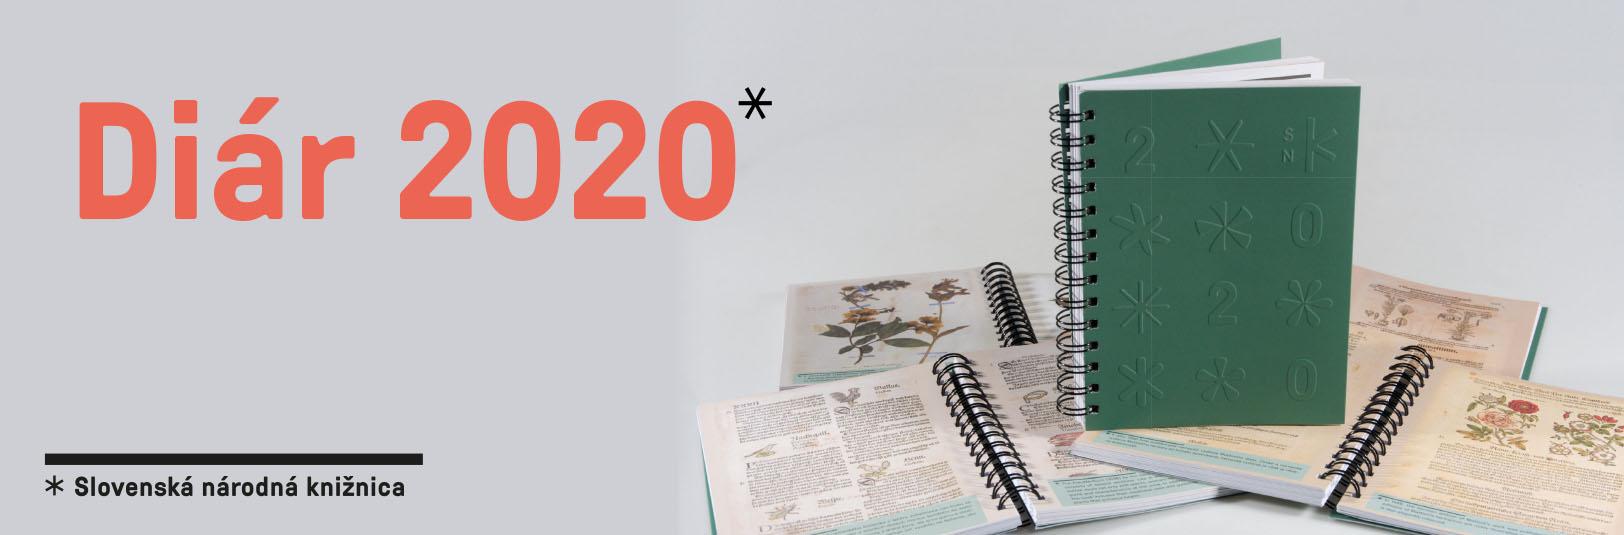 Diár 2020